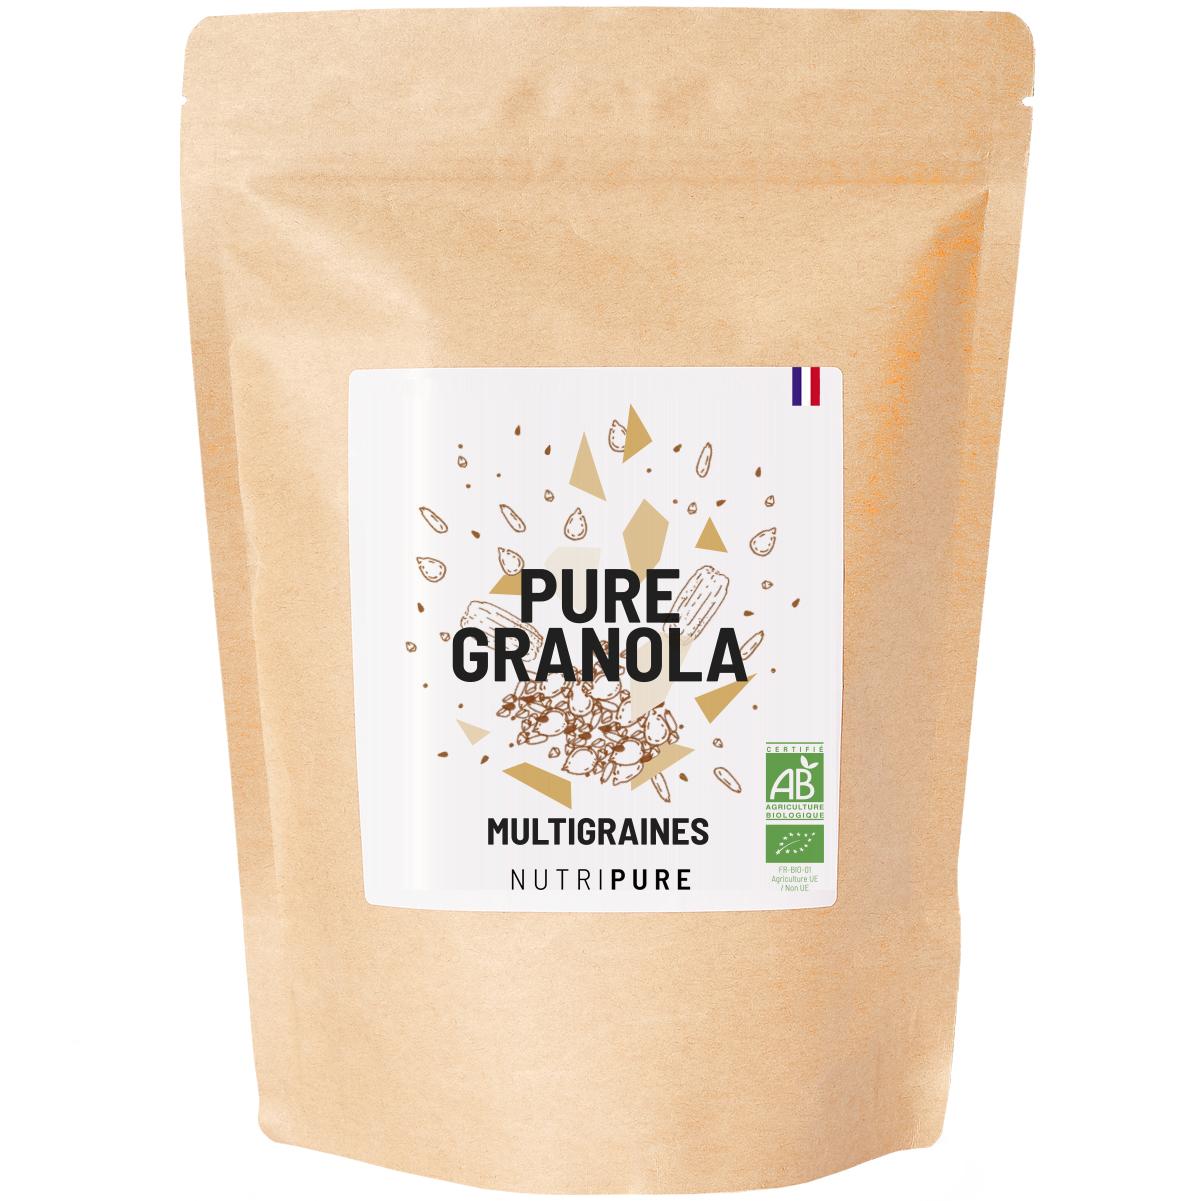 Pure Granola